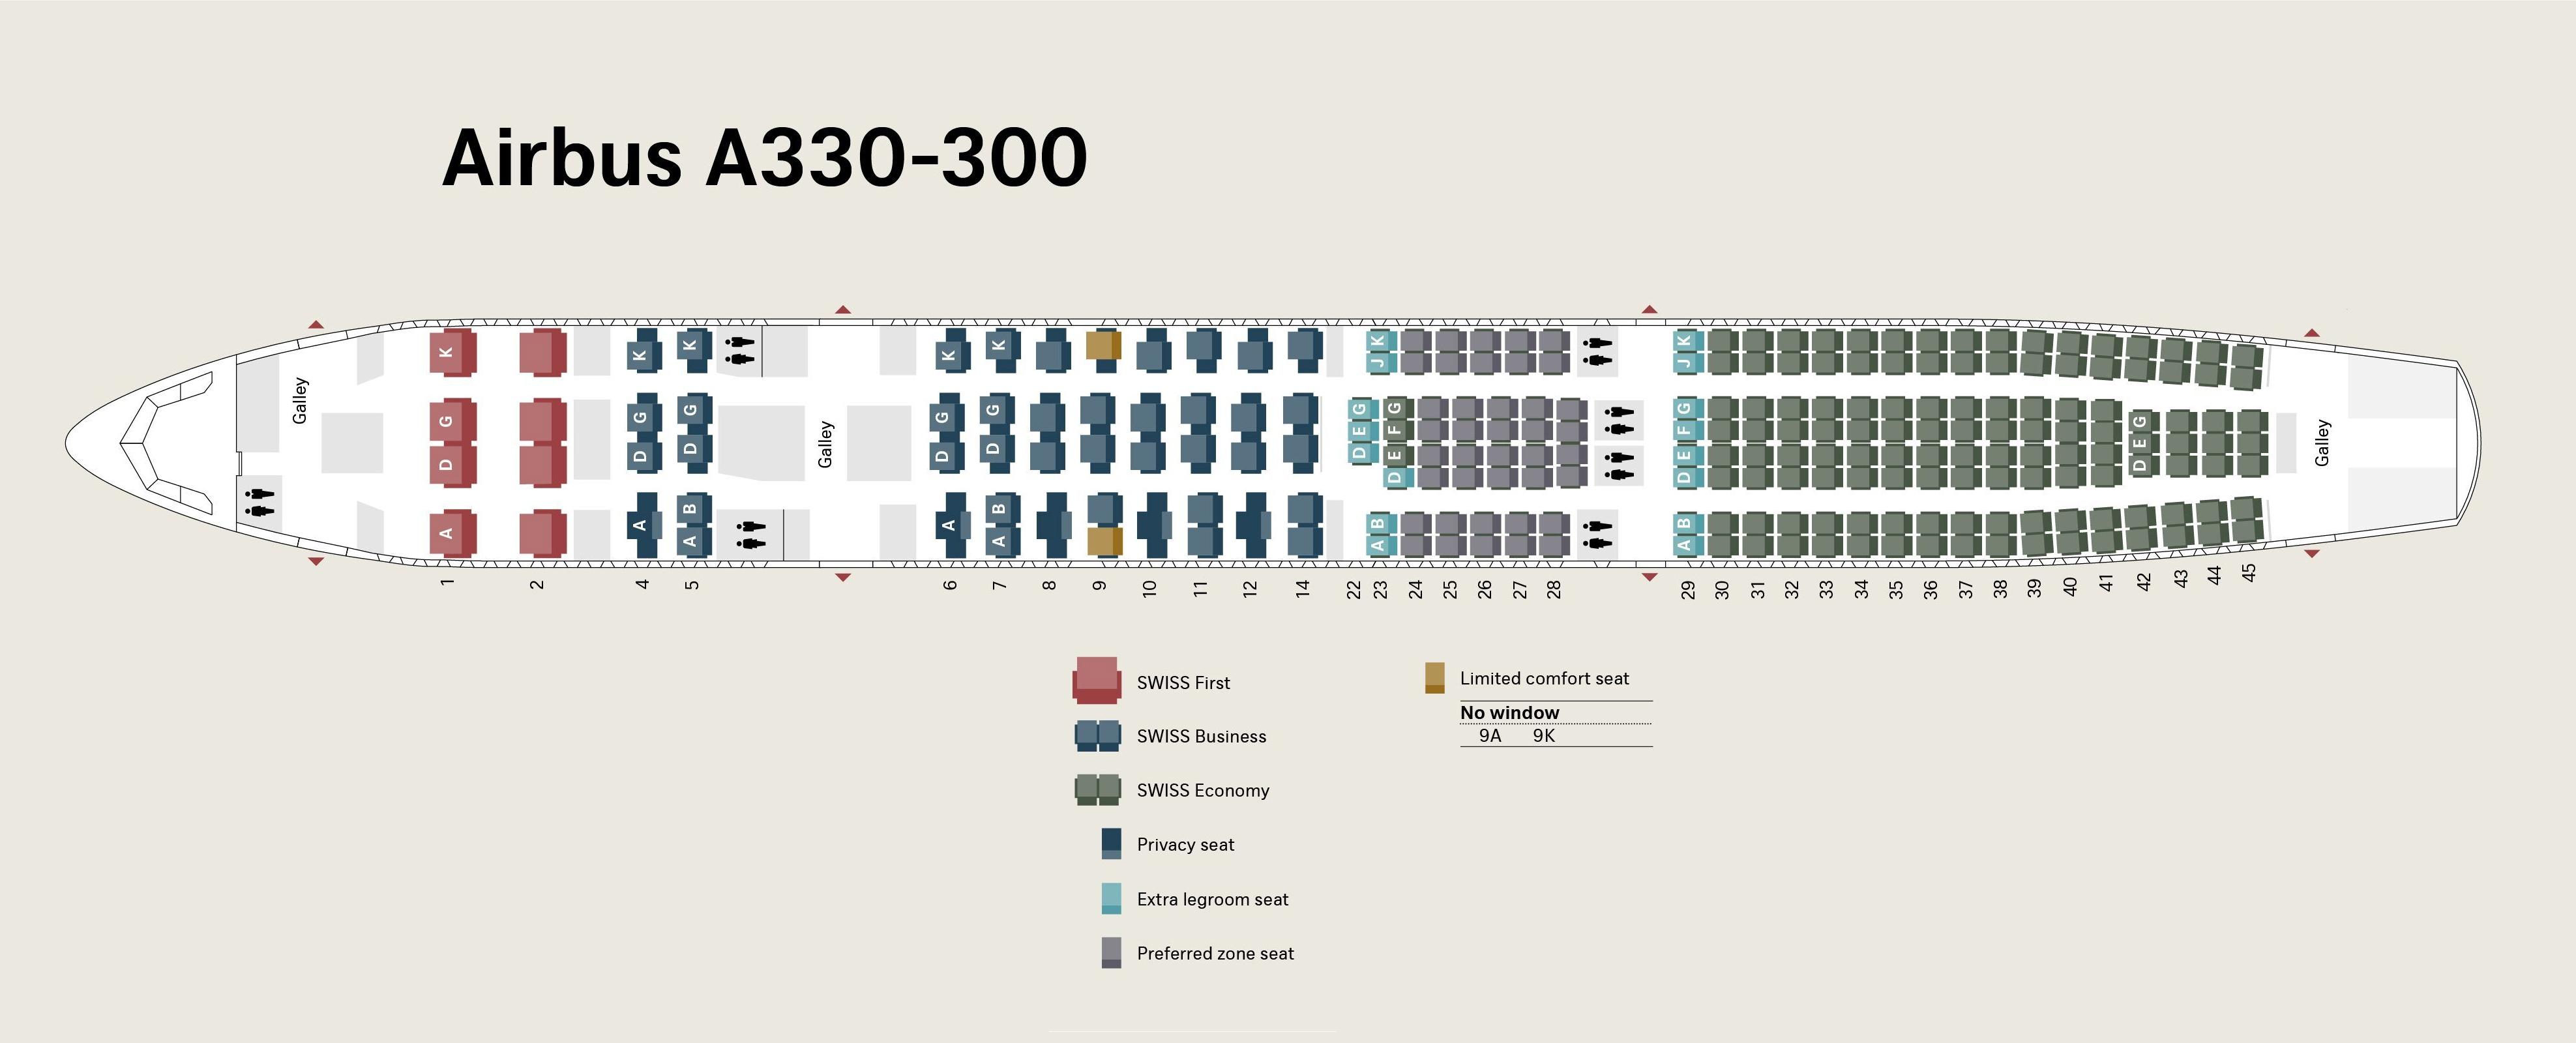 SWISS A330 seat map